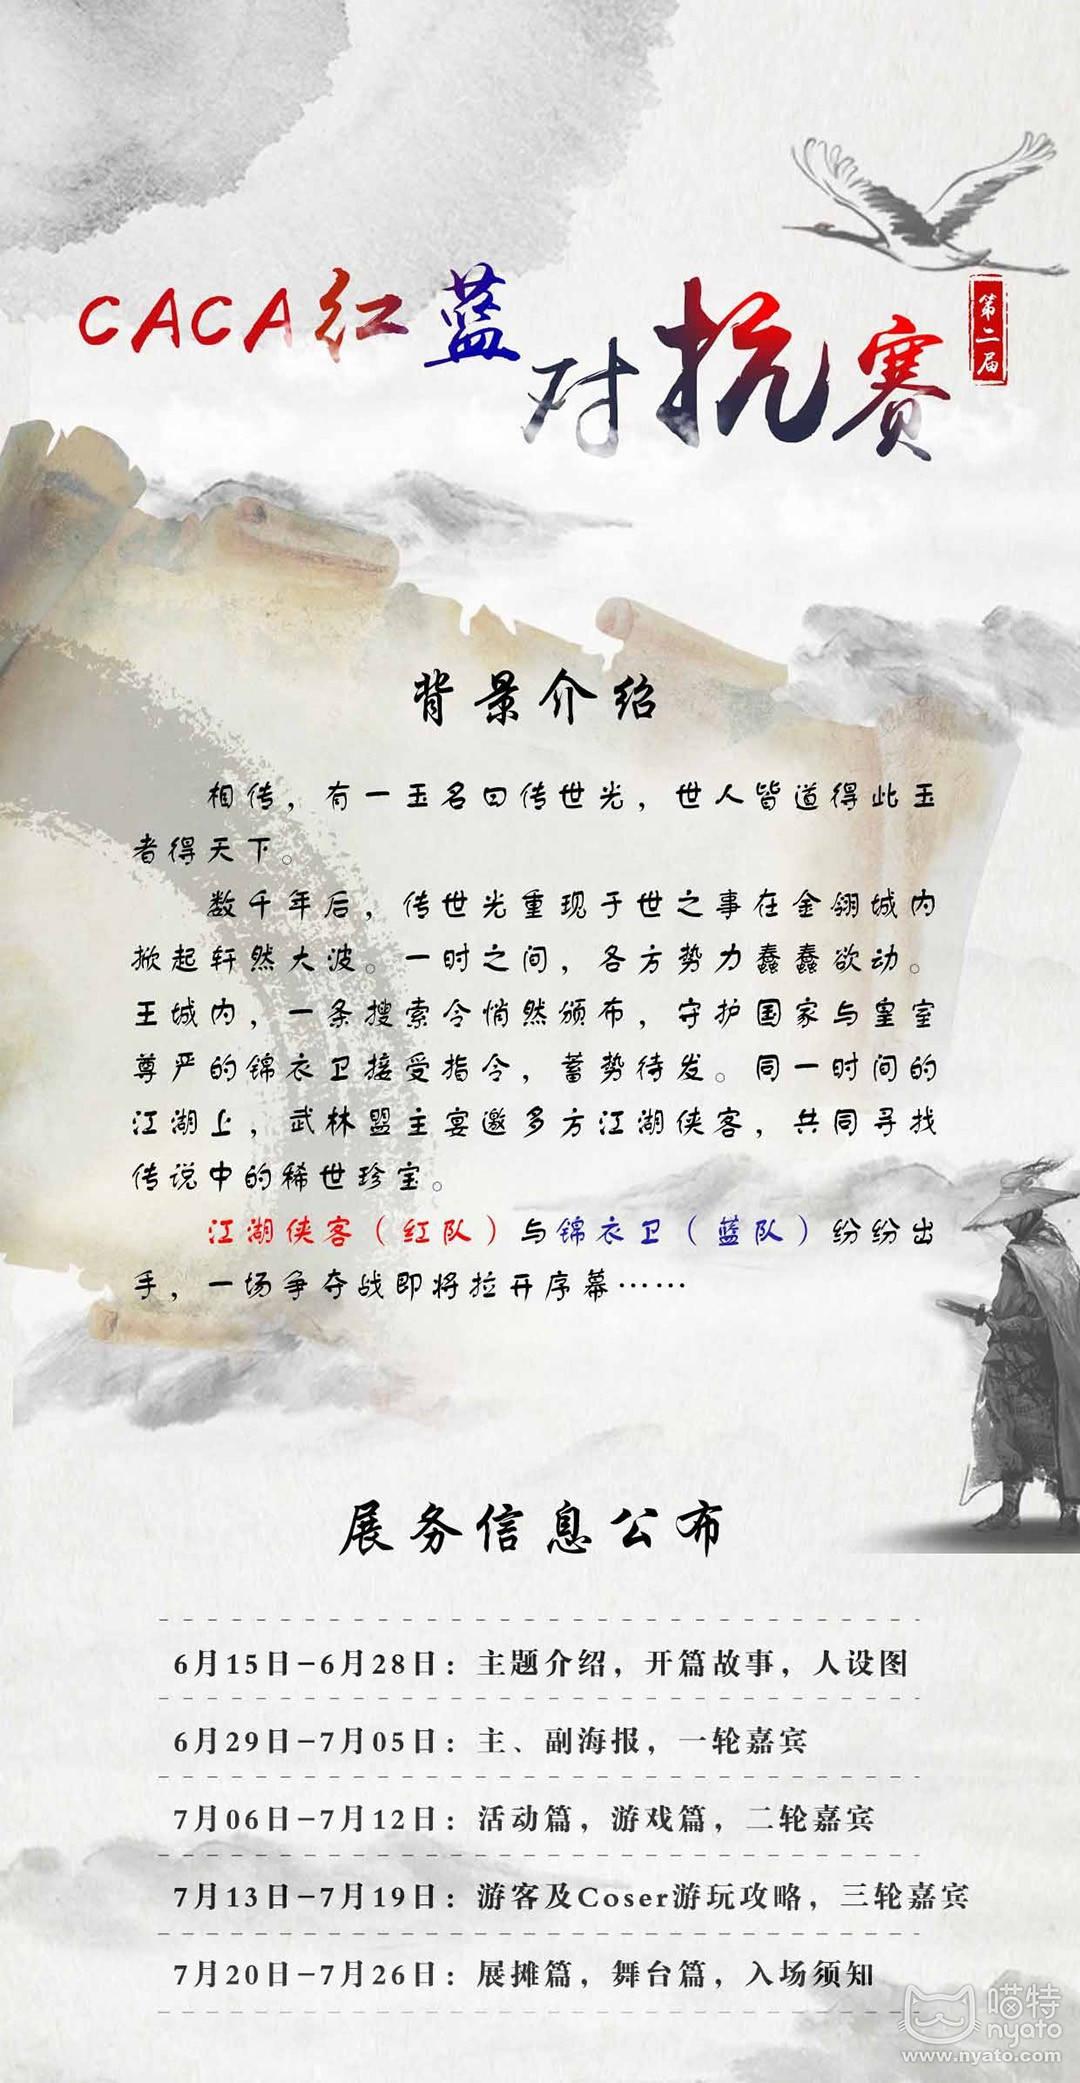 预宣-主题介绍(2.jpg